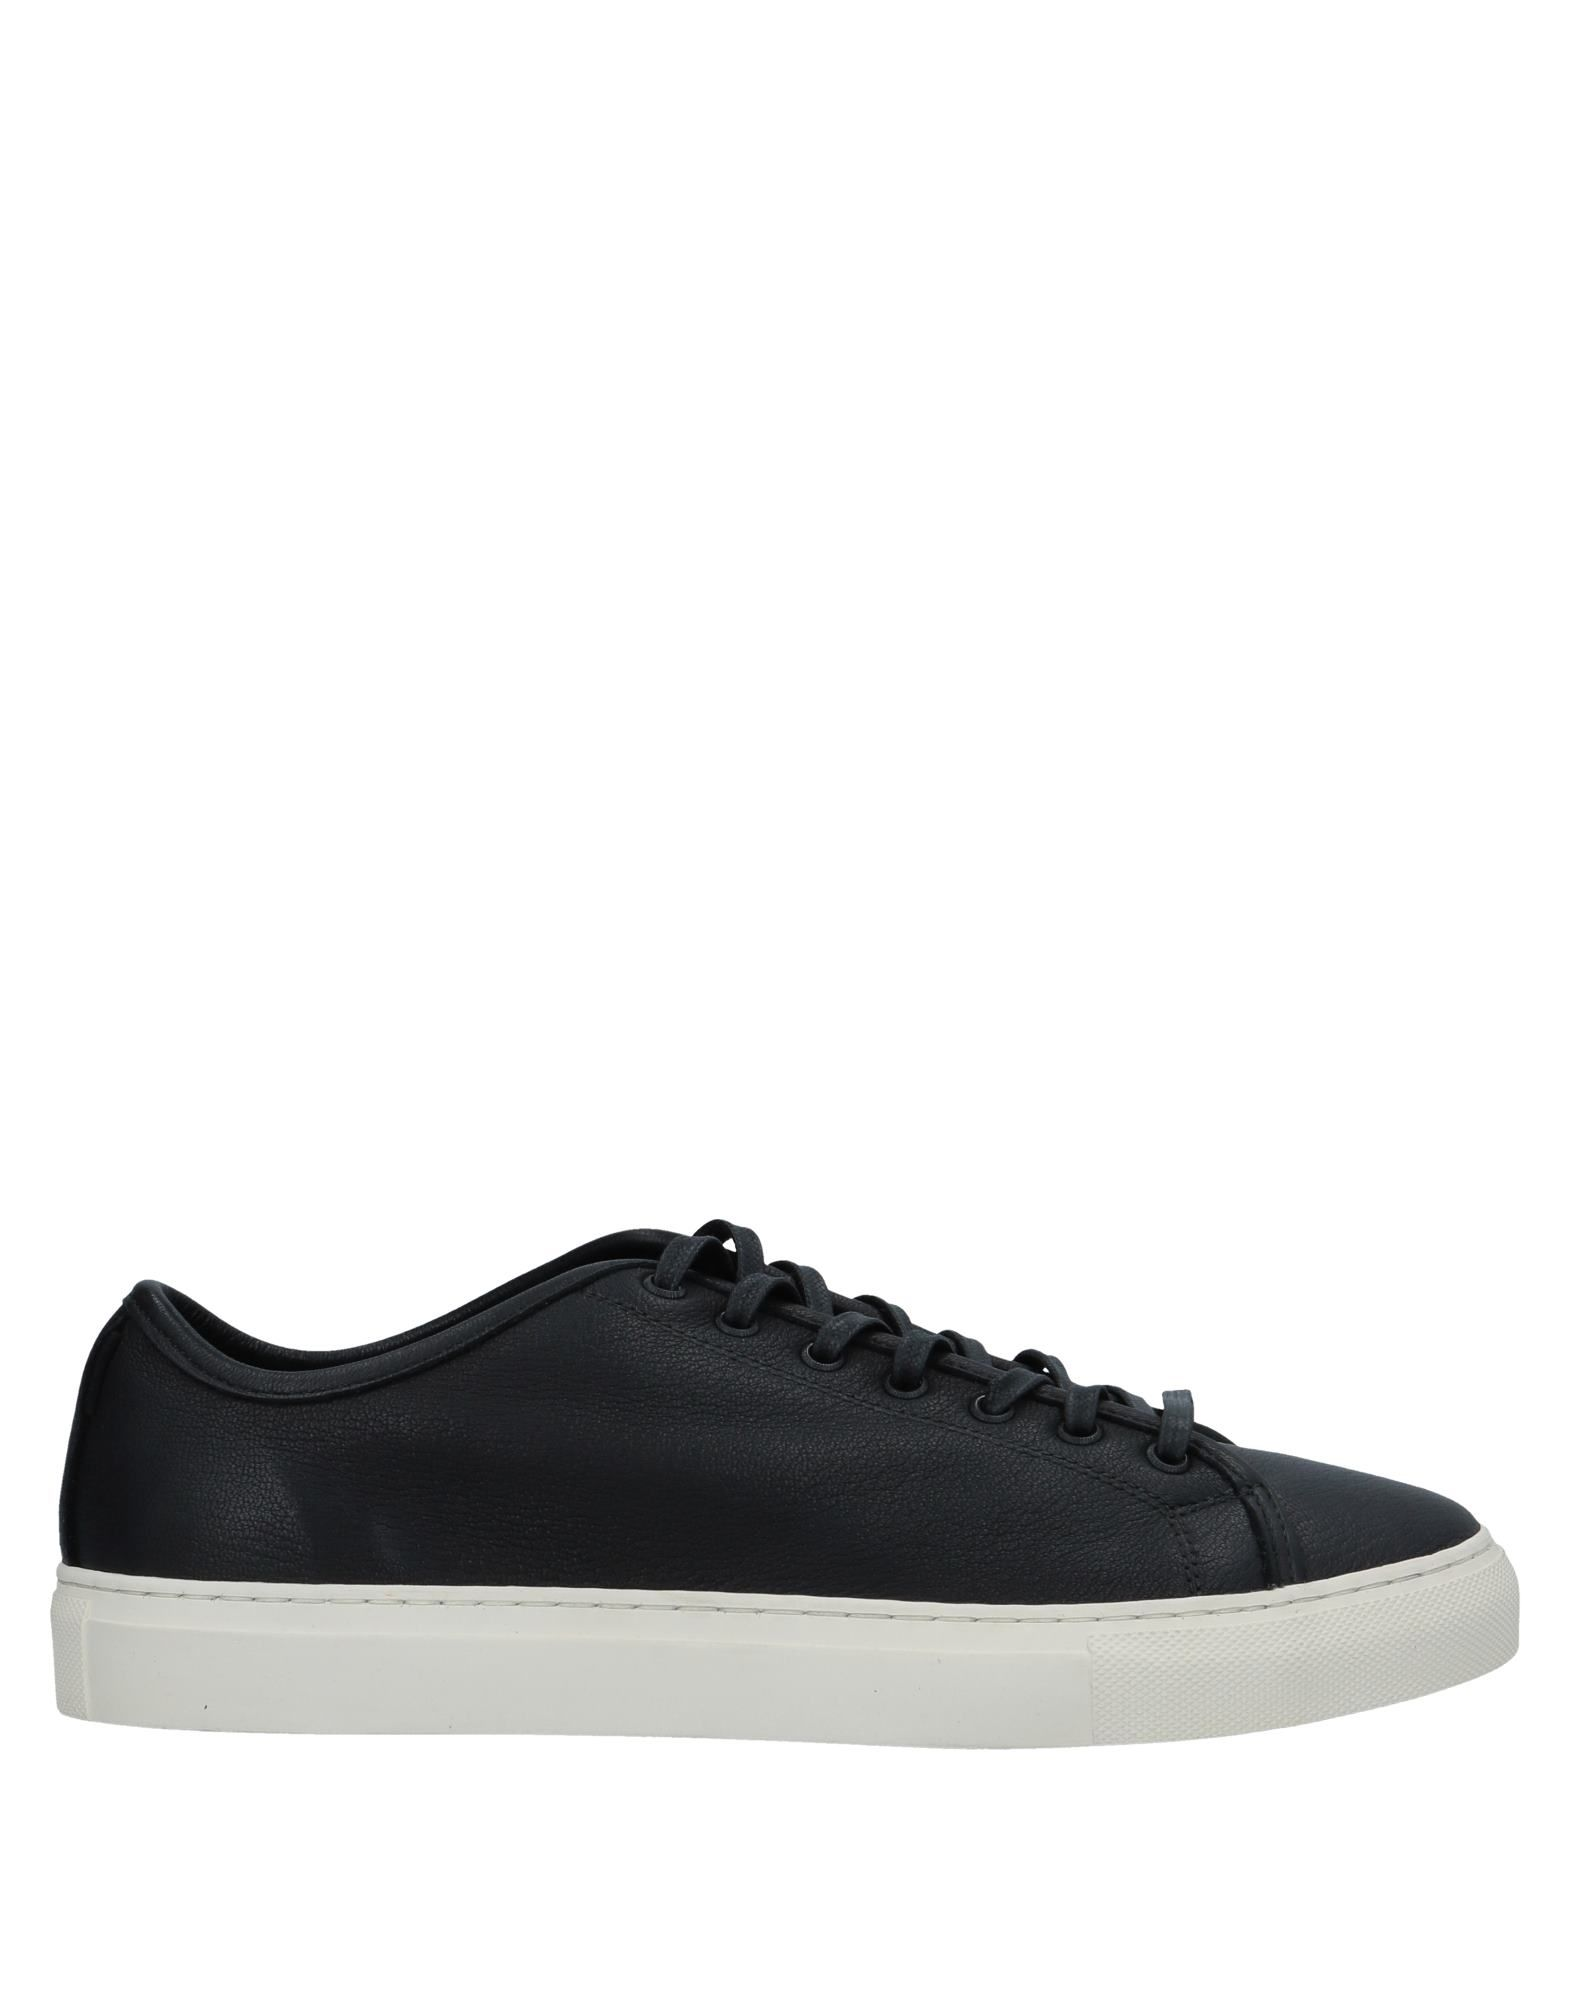 Diemme Sneakers Qualität Herren  11500522HF Gute Qualität Sneakers beliebte Schuhe d58fac